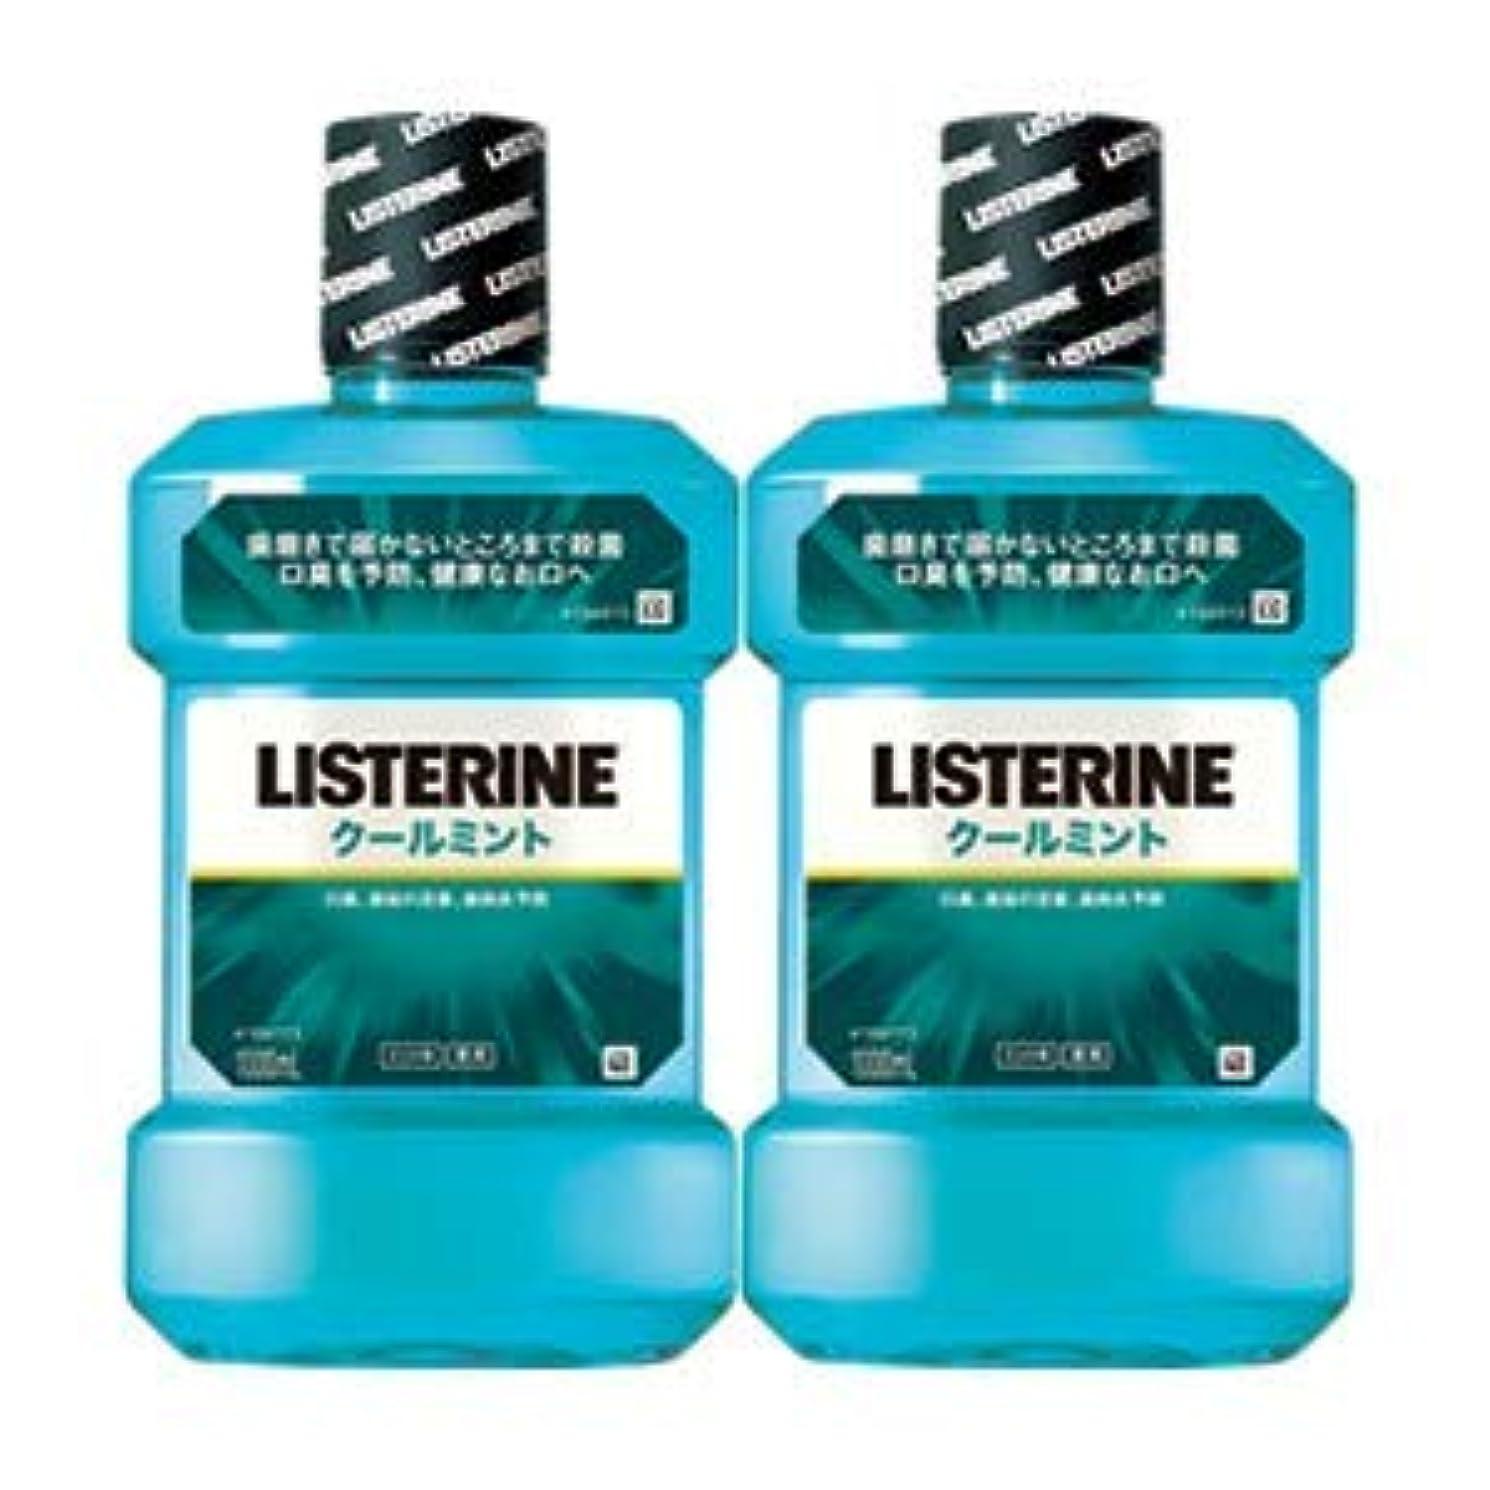 ビル広々とした連想薬用リステリン クールミント (マウスウォッシュ/洗口液) 1000mL×2本セット